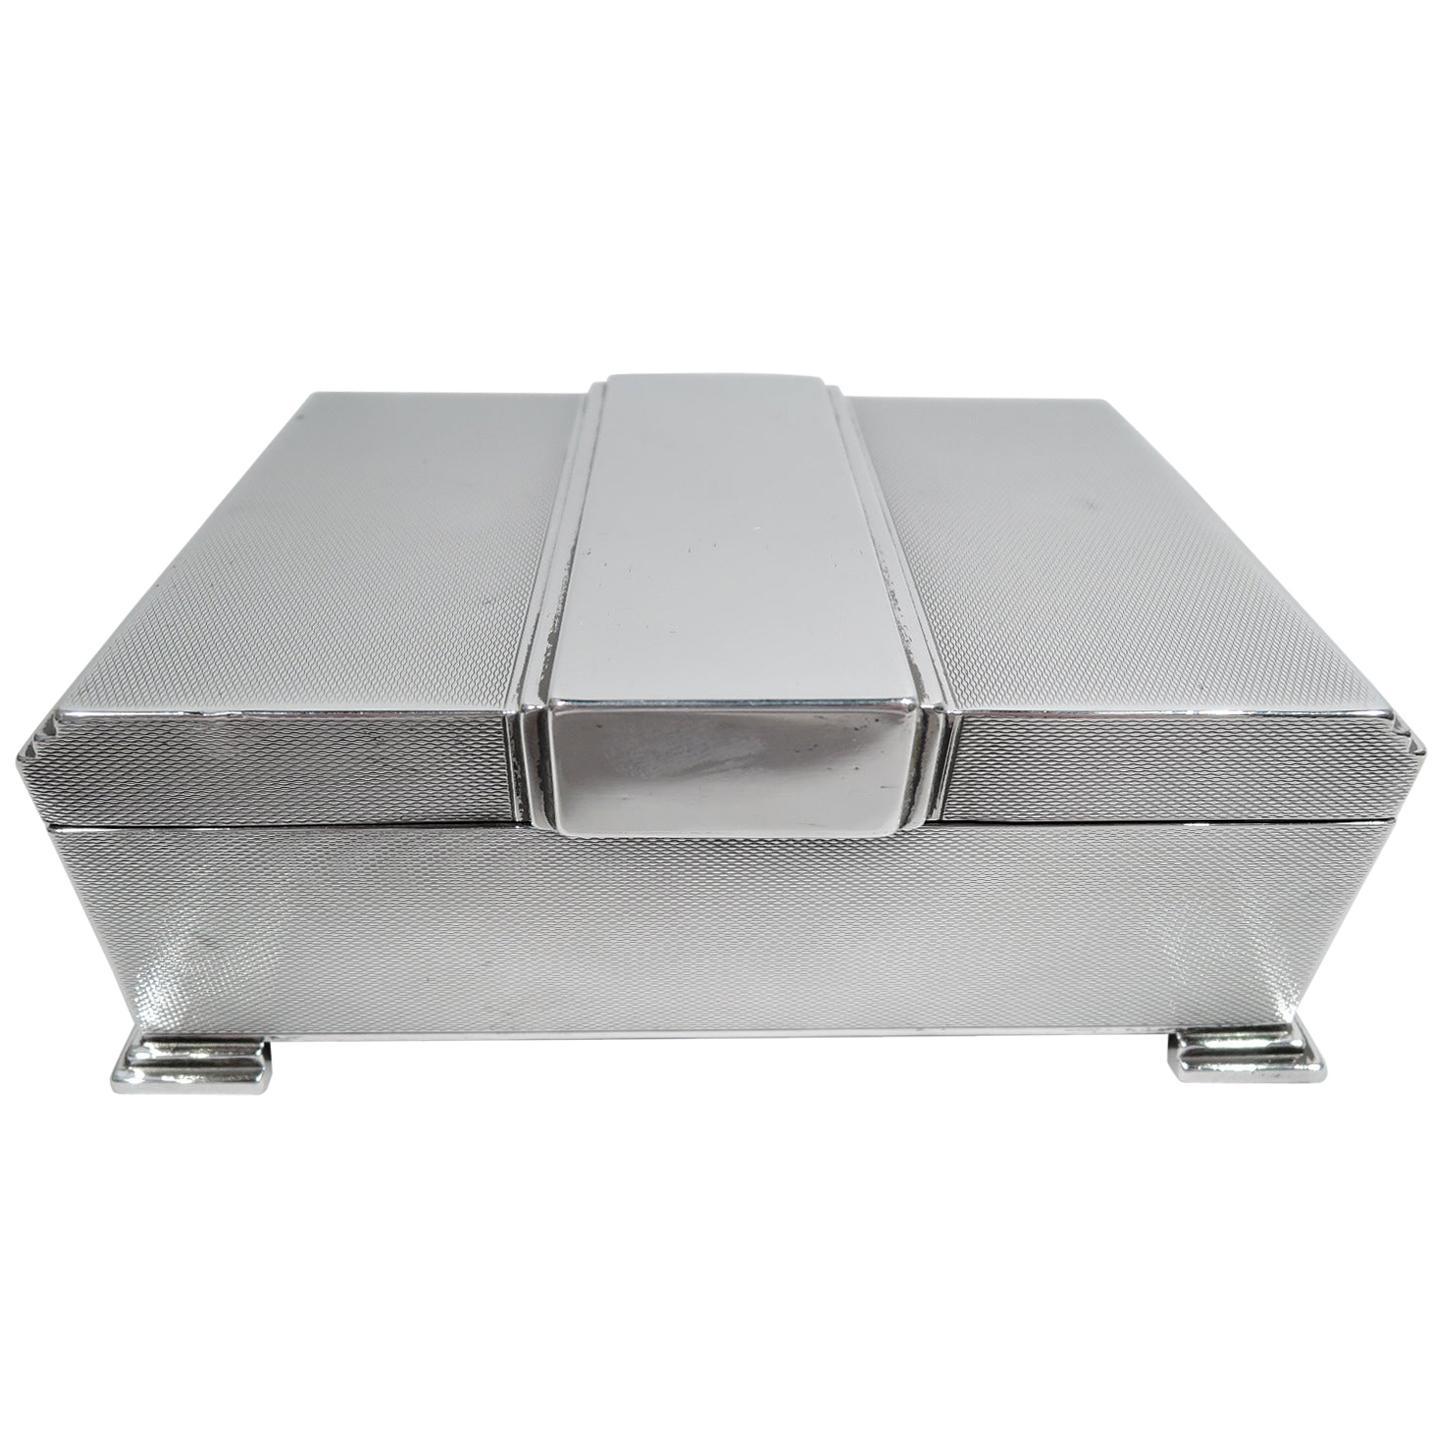 English Art Deco Sterling Silver Box with Skyscraper Motif